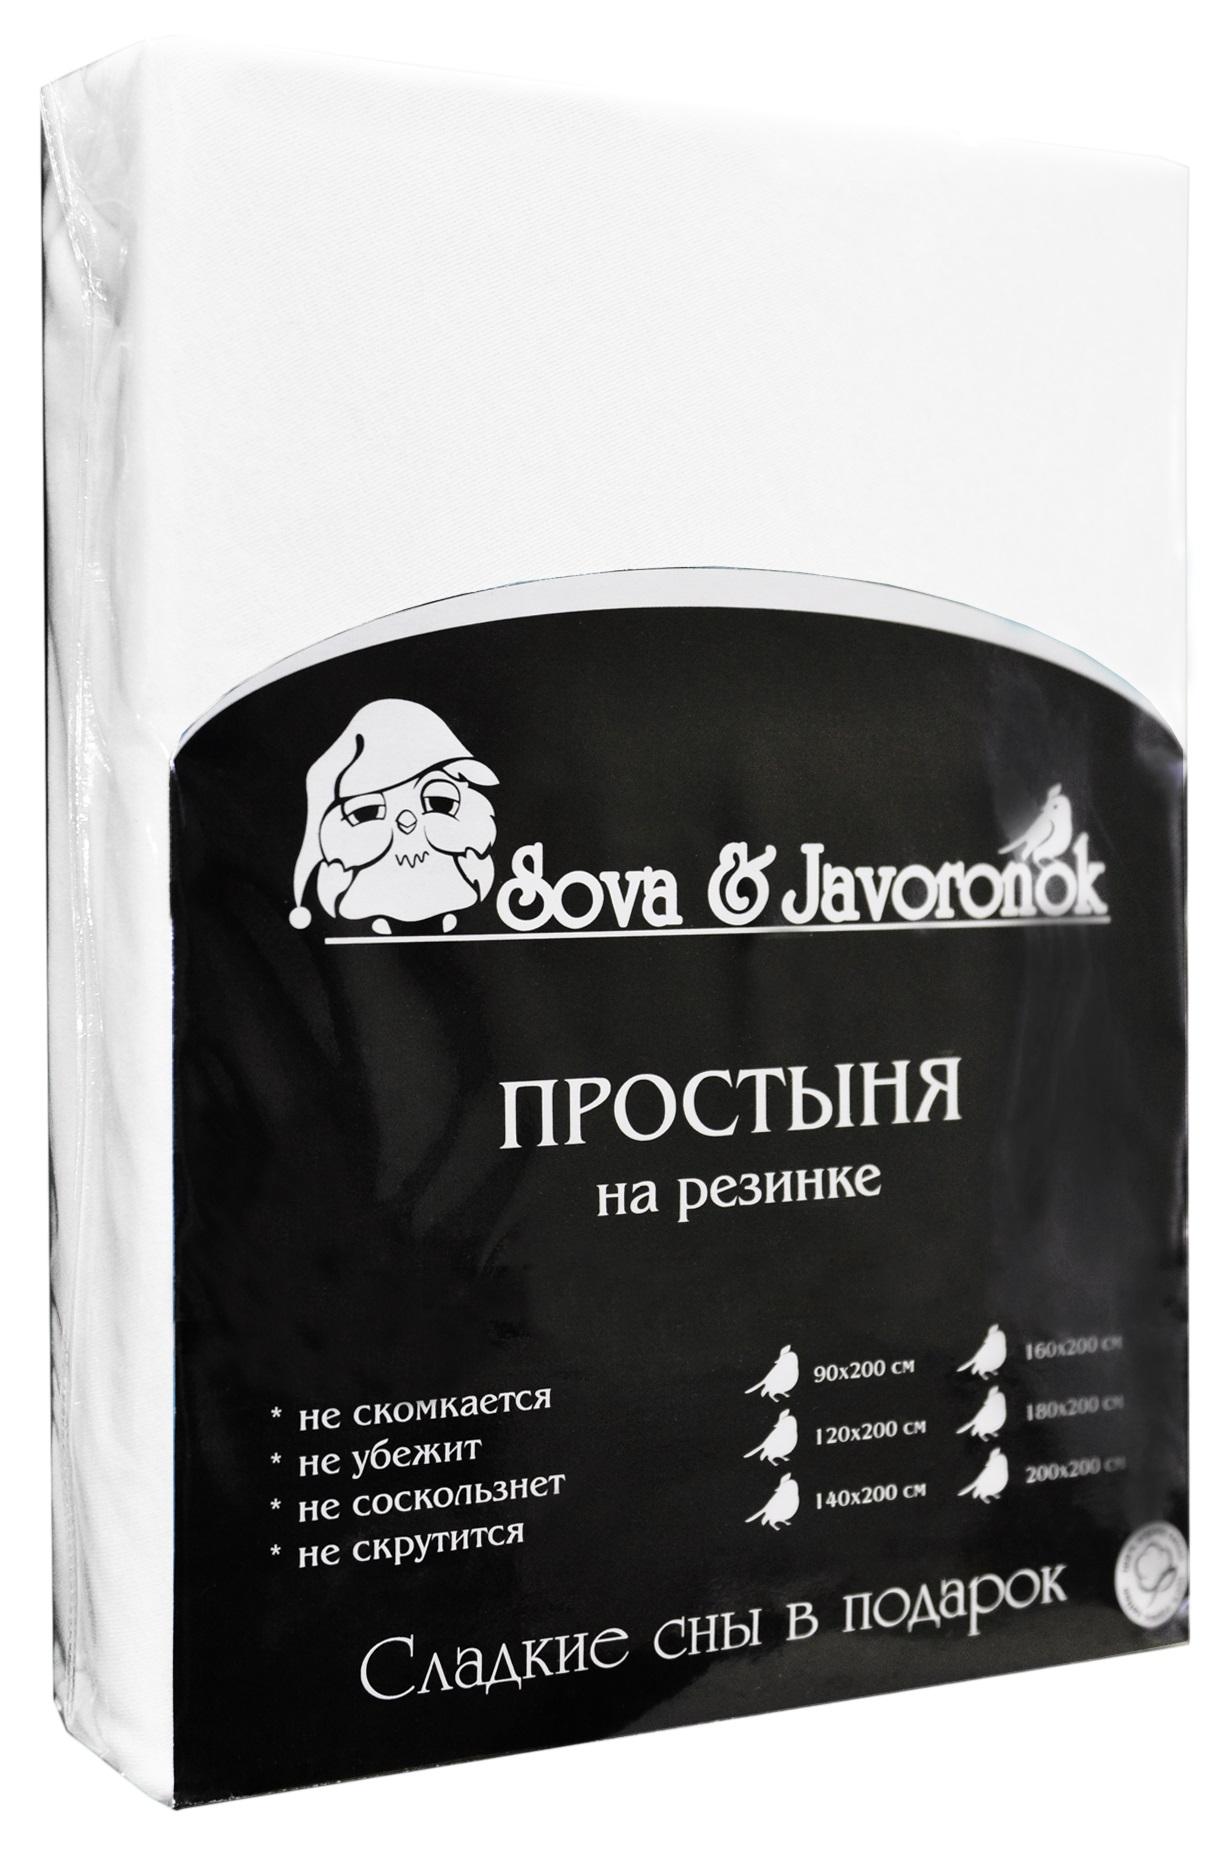 Простыня на резинке Sova & Javoronok, цвет: белый, 140 х 200 см531-105Простыня на резинке Sova & Javoronok, изготовленная из трикотажной ткани (100% хлопок), будет превосходно смотреться с любыми комплектами белья. Хлопчатобумажный трикотаж по праву считается одним из самых качественных, прочных и при этом приятных на ощупь. Его гигиеничность позволяет использовать простыню и в детских комнатах, к тому же 100%-ый хлопок в составе ткани не вызовет аллергии. У трикотажного полотна очень интересная структура, немного рыхлая за счет отсутствия плотного переплетения нитей и наличия особых петель, благодаря этому простыня Сова и Жаворонок отлично пропускает воздух и способствует его постоянной циркуляции. Поэтому ваша постель будет всегда оставаться свежей. Но главное и, пожалуй, самое известное свойство трикотажа - это его великолепная растяжимость, поэтому эта ткань и была выбрана для натяжной простыни на резинке.Простыня прошита резинкой по всему периметру, что обеспечивает более комфортный отдых, так как она прочно удерживается на матрасе и избавляет от необходимости часто поправлять простыню. Подходит для матрасов до 20 см.